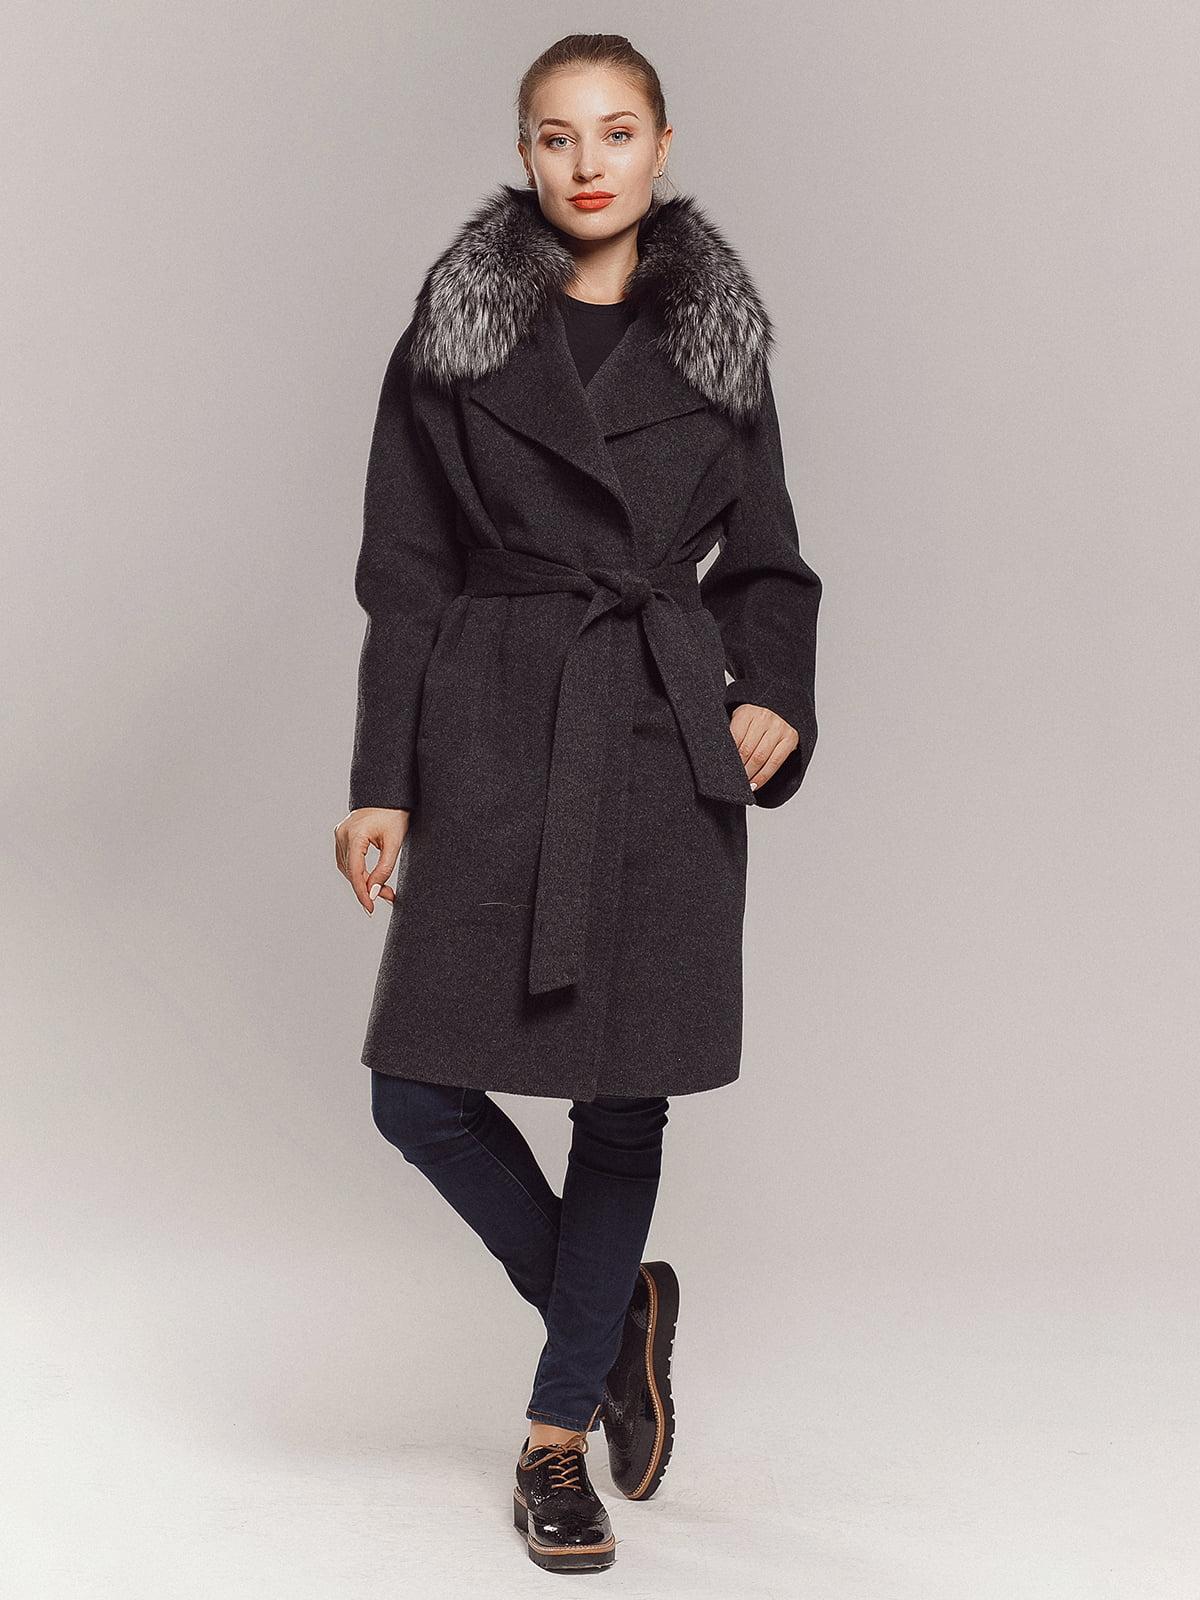 Пальто сіре | 4739366 | фото 5